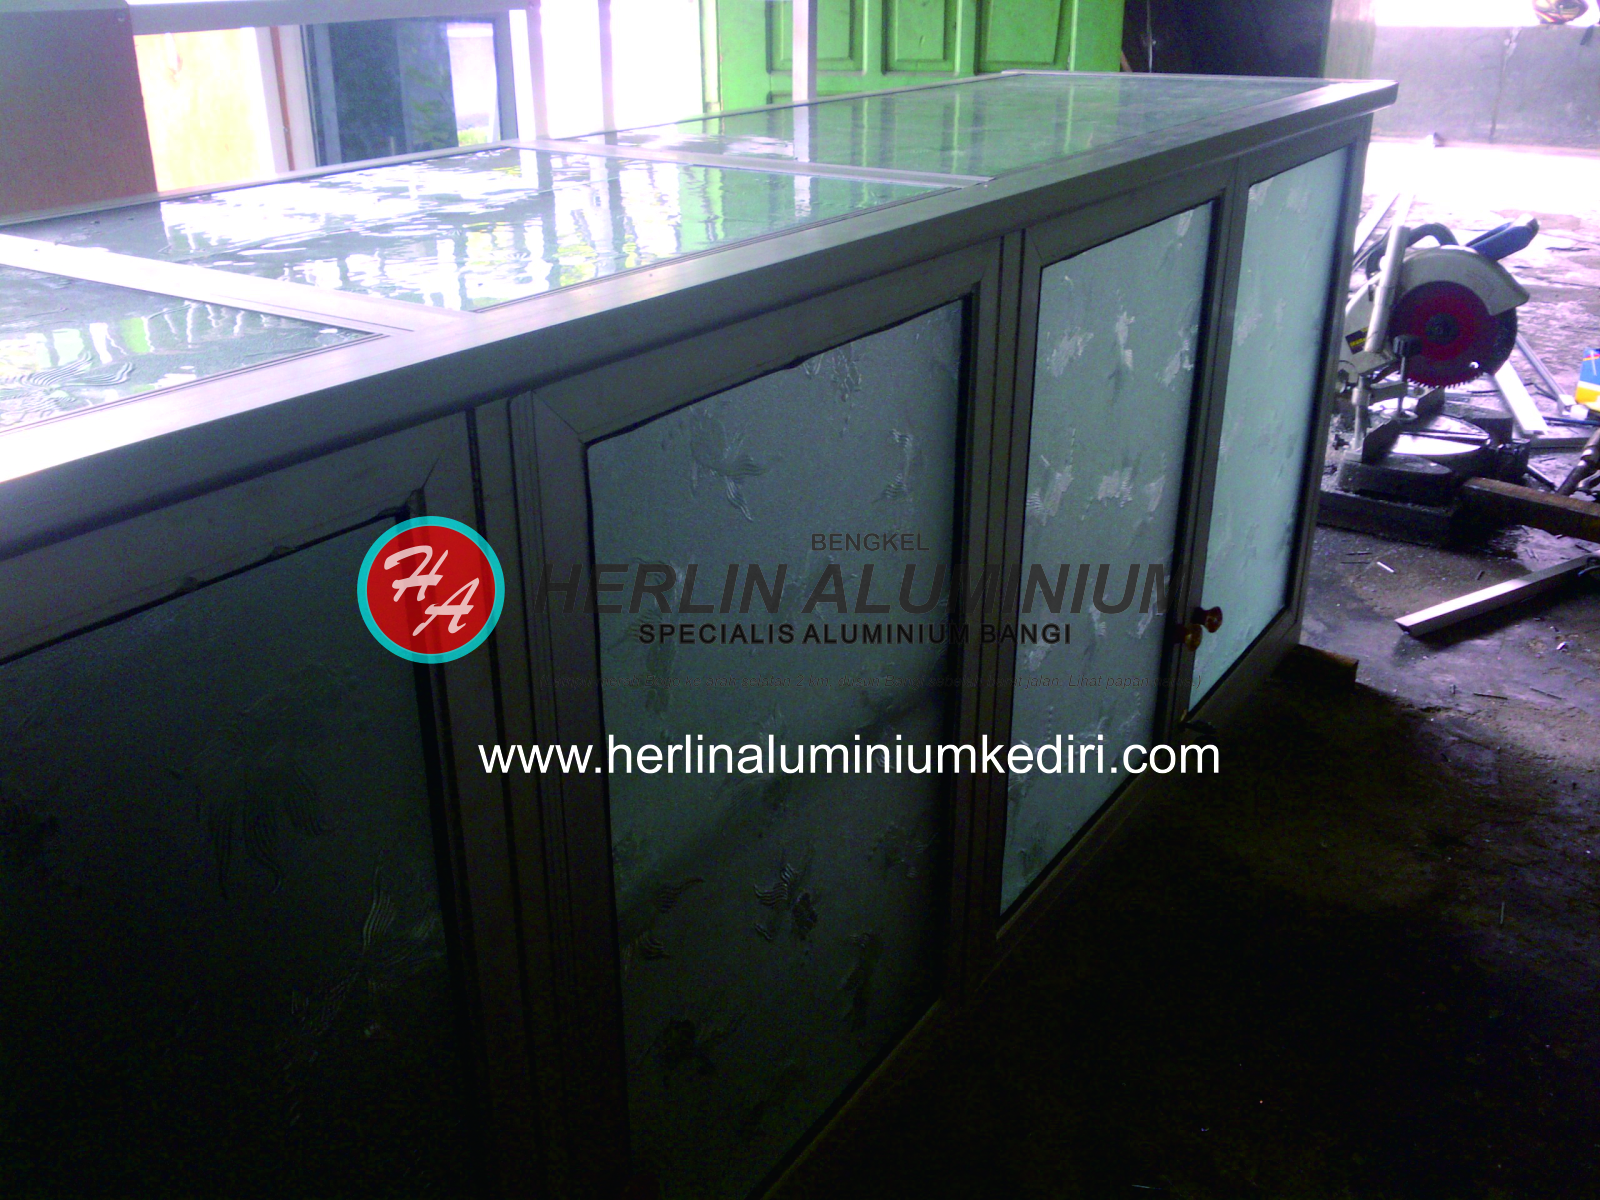 Bengkel Aluminium Pembuatan Kitchen Set Di Daerah Kediri